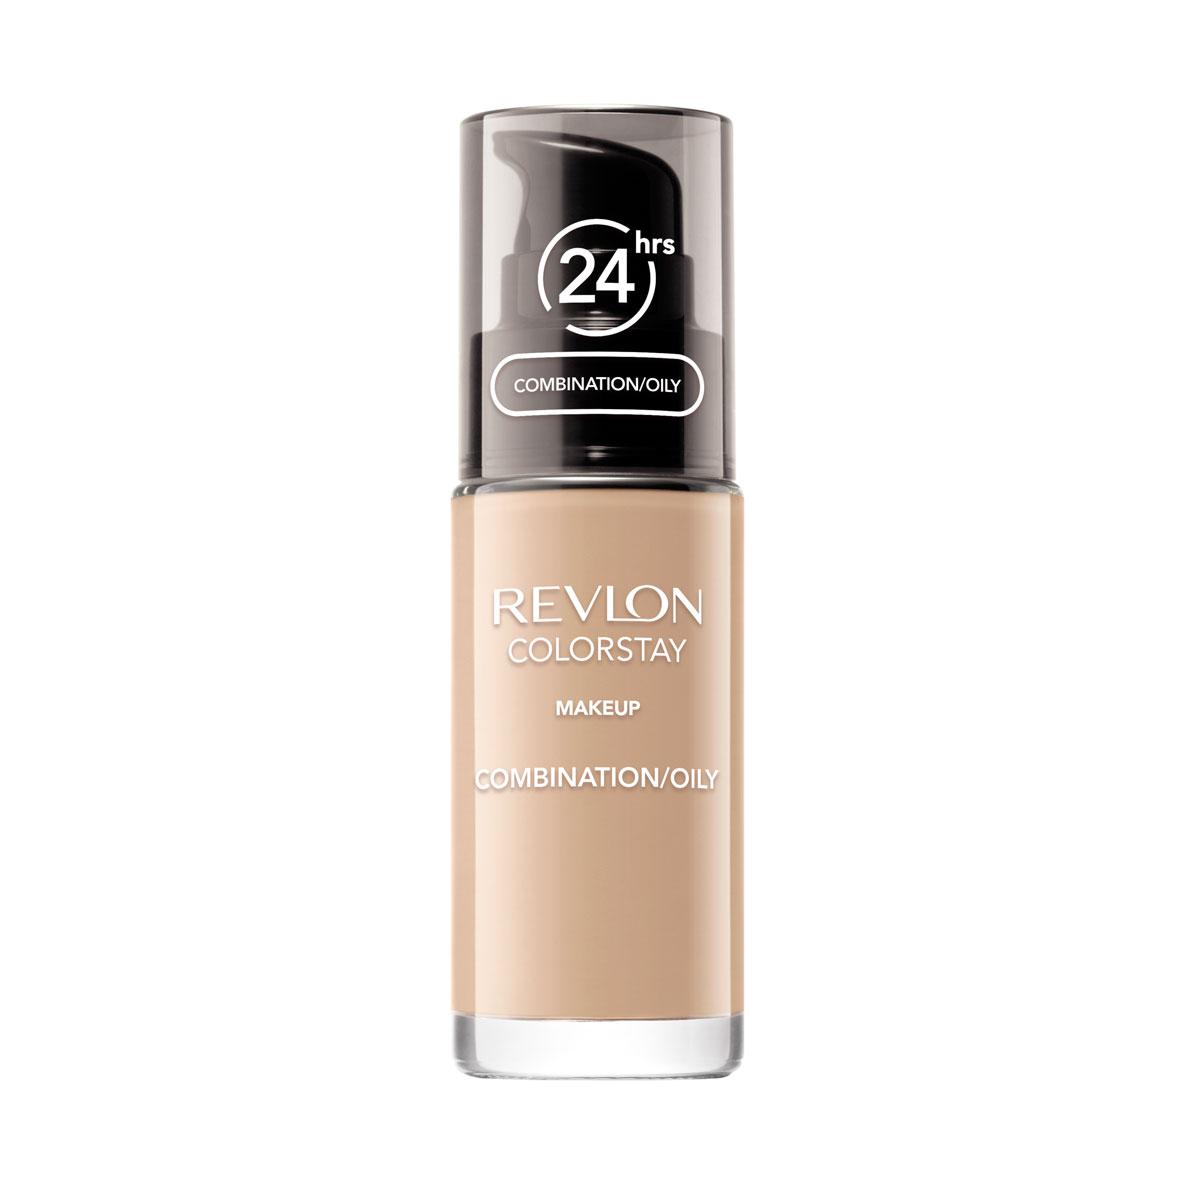 Revlon Тональный Крем для Комб-Жирн Кожи Colorstay Makeup For Combination-Oily Skin Natural beige 220 30 мл7221552005Colorstay - легендарная коллекция тональных средств, выбор ведущих визажистов во всем мире! Colorstay Make Up For Combination / Oily Skin - тональный крем с удивительно легкой текстурой идеально выравнивает тон и рельеф кожи, защищает от появления жирного блеска. Colorstay™ дарит коже приятную матовость, сохраняет макияж безупречным надолго - гарантированная стойкость в течение 24 часов! Предназначен для смешанной и жирной кожи.Наносите крем легкими разглаживающими движениями от центра к контурам с помощью кисти или пальцев, затем растушуйте на границе нанесения: у линии роста волос, в области шеи и ушей.